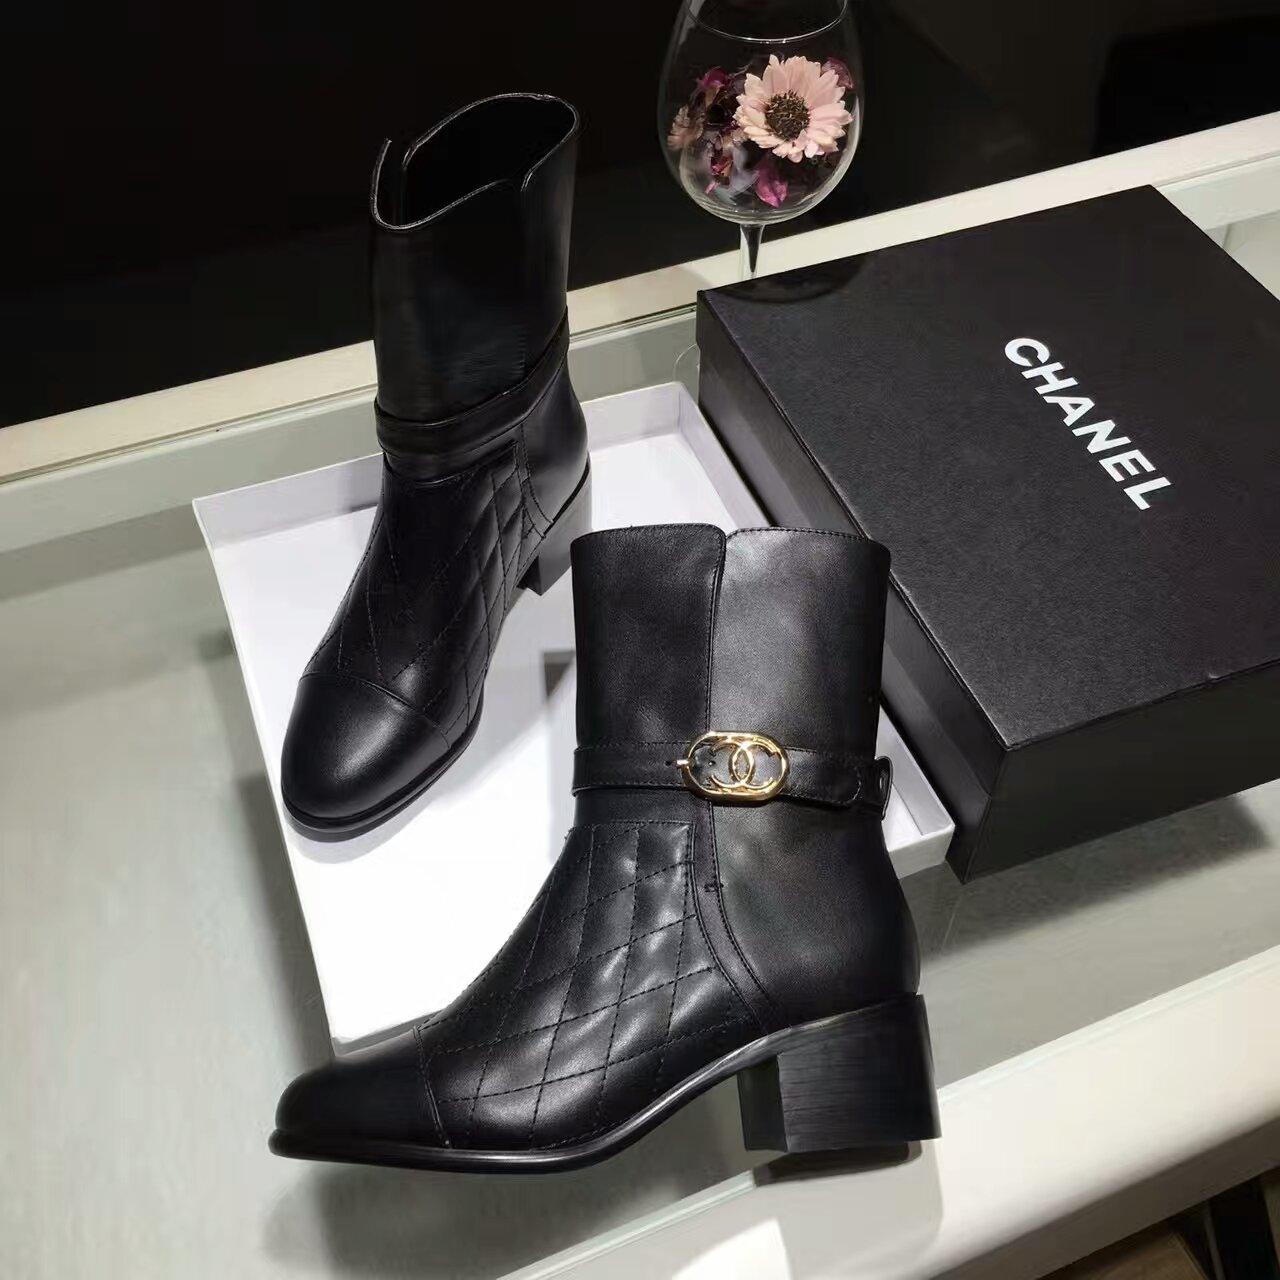 CHANEL16秋冬专柜爆款经典黑色格菱纹时尚短靴